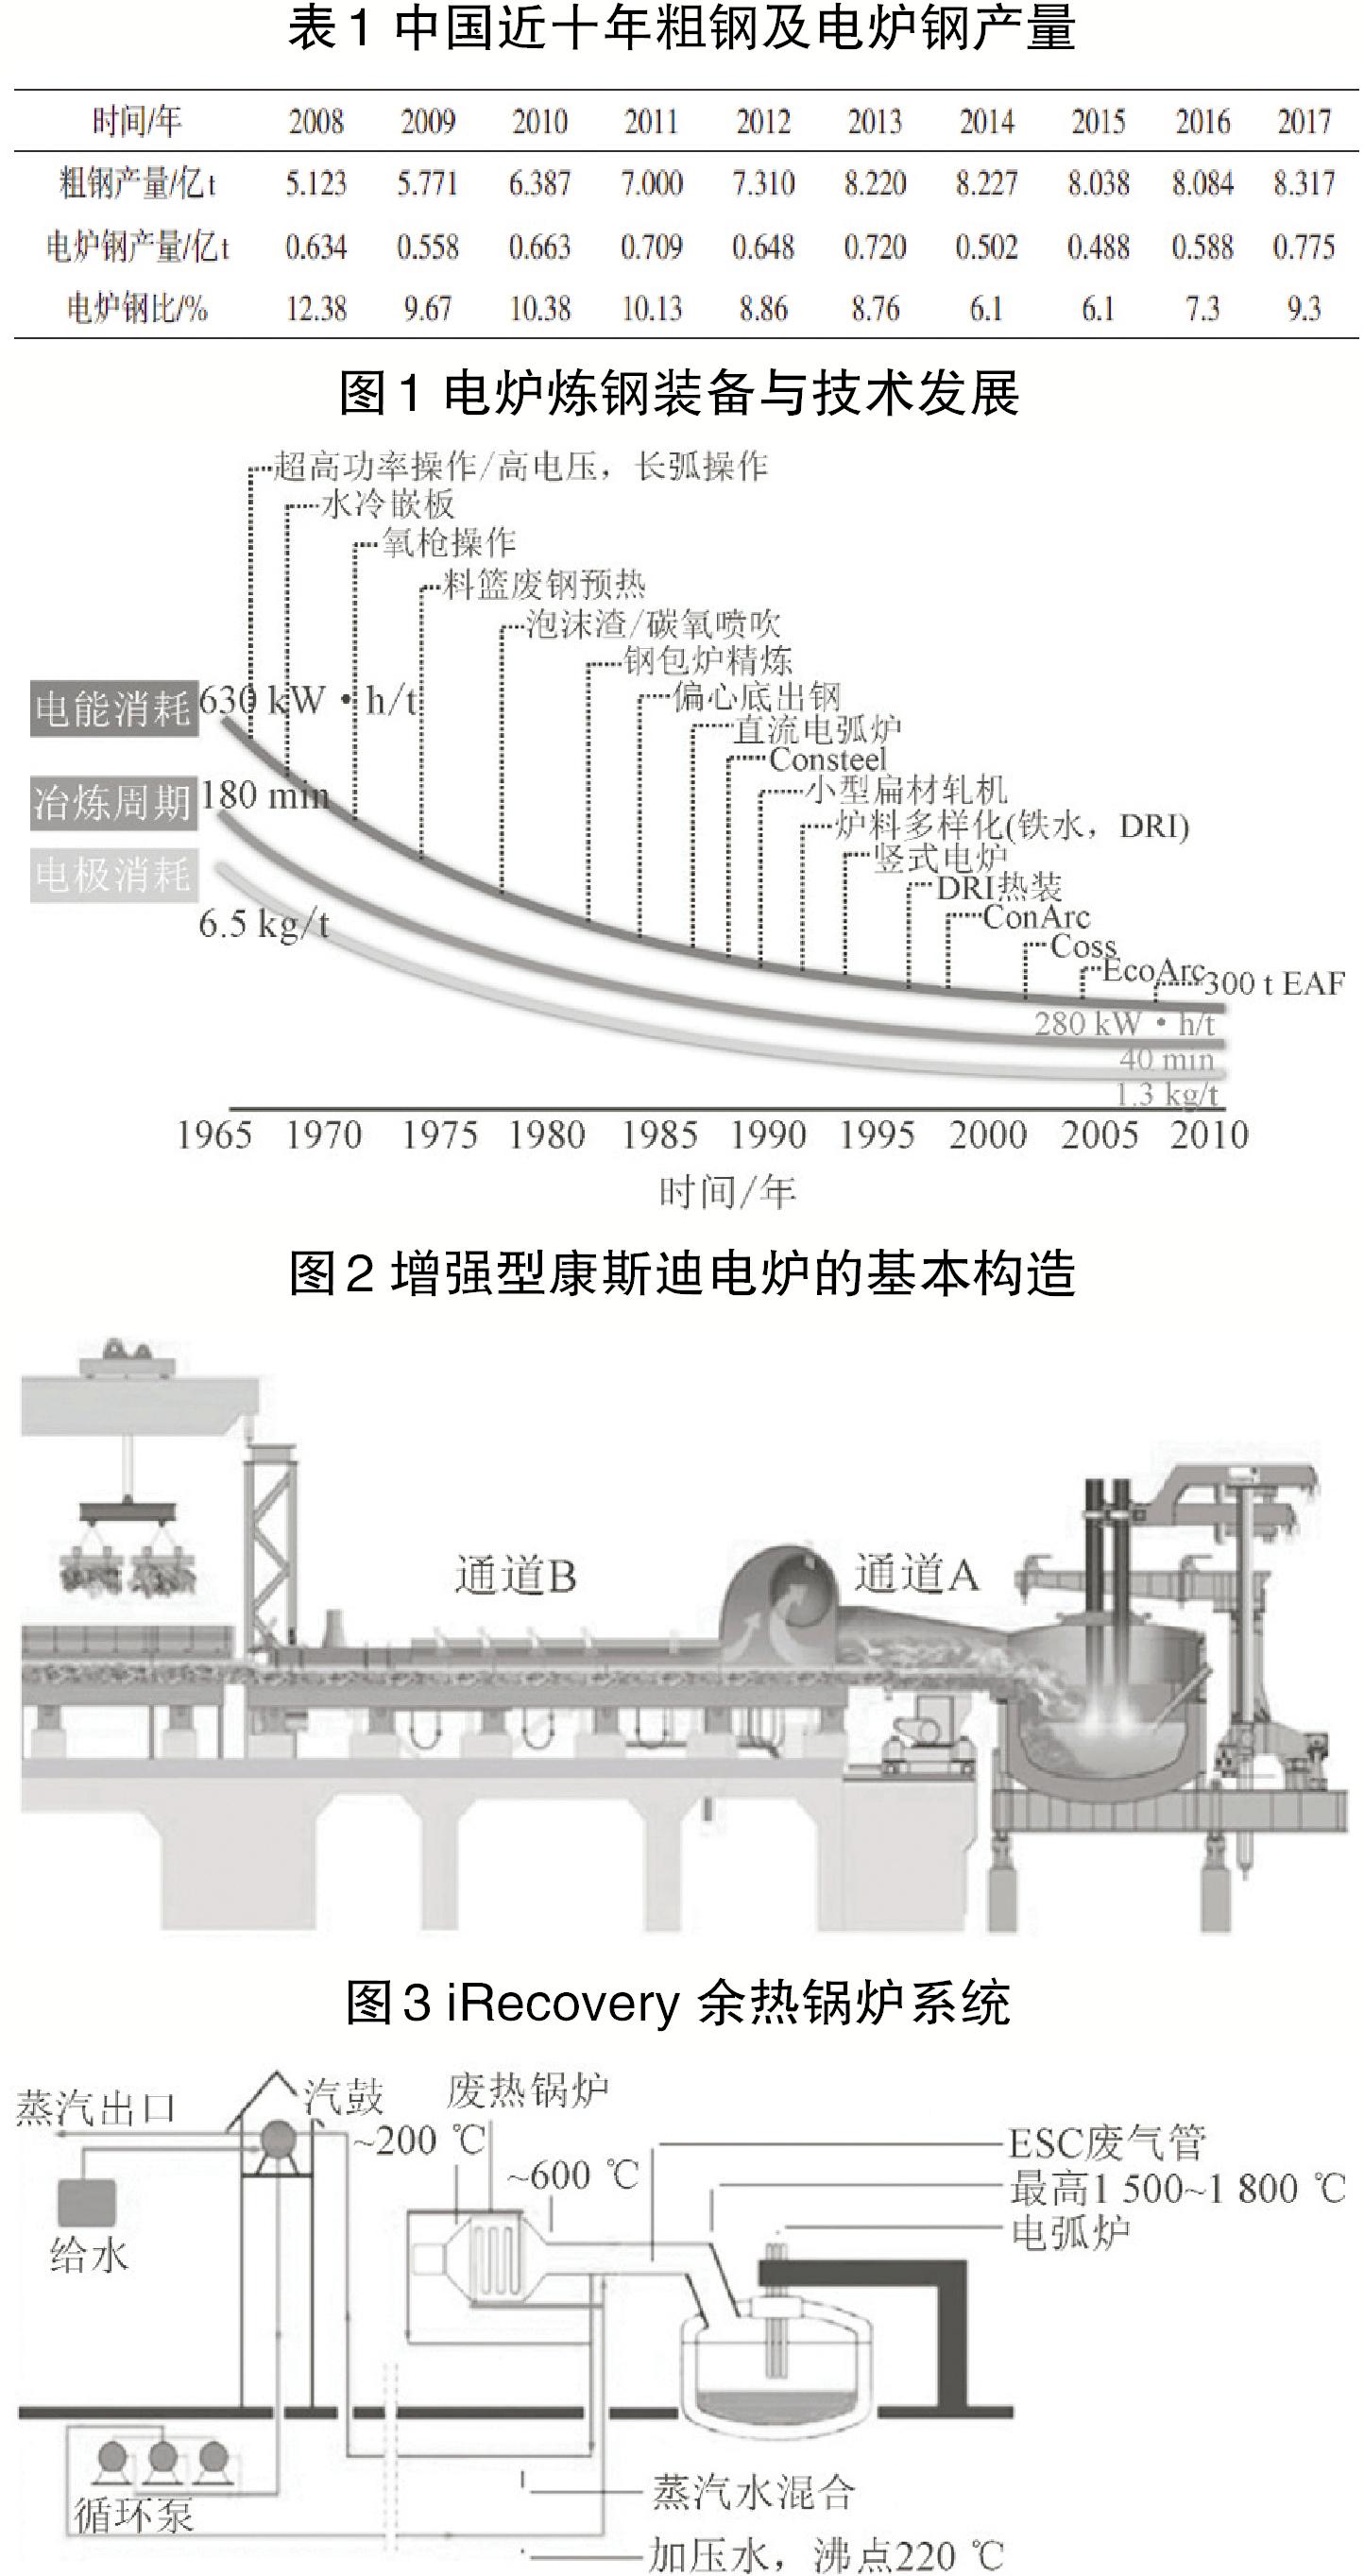 钢铁行业现代电炉炼钢技术发展趋势分析